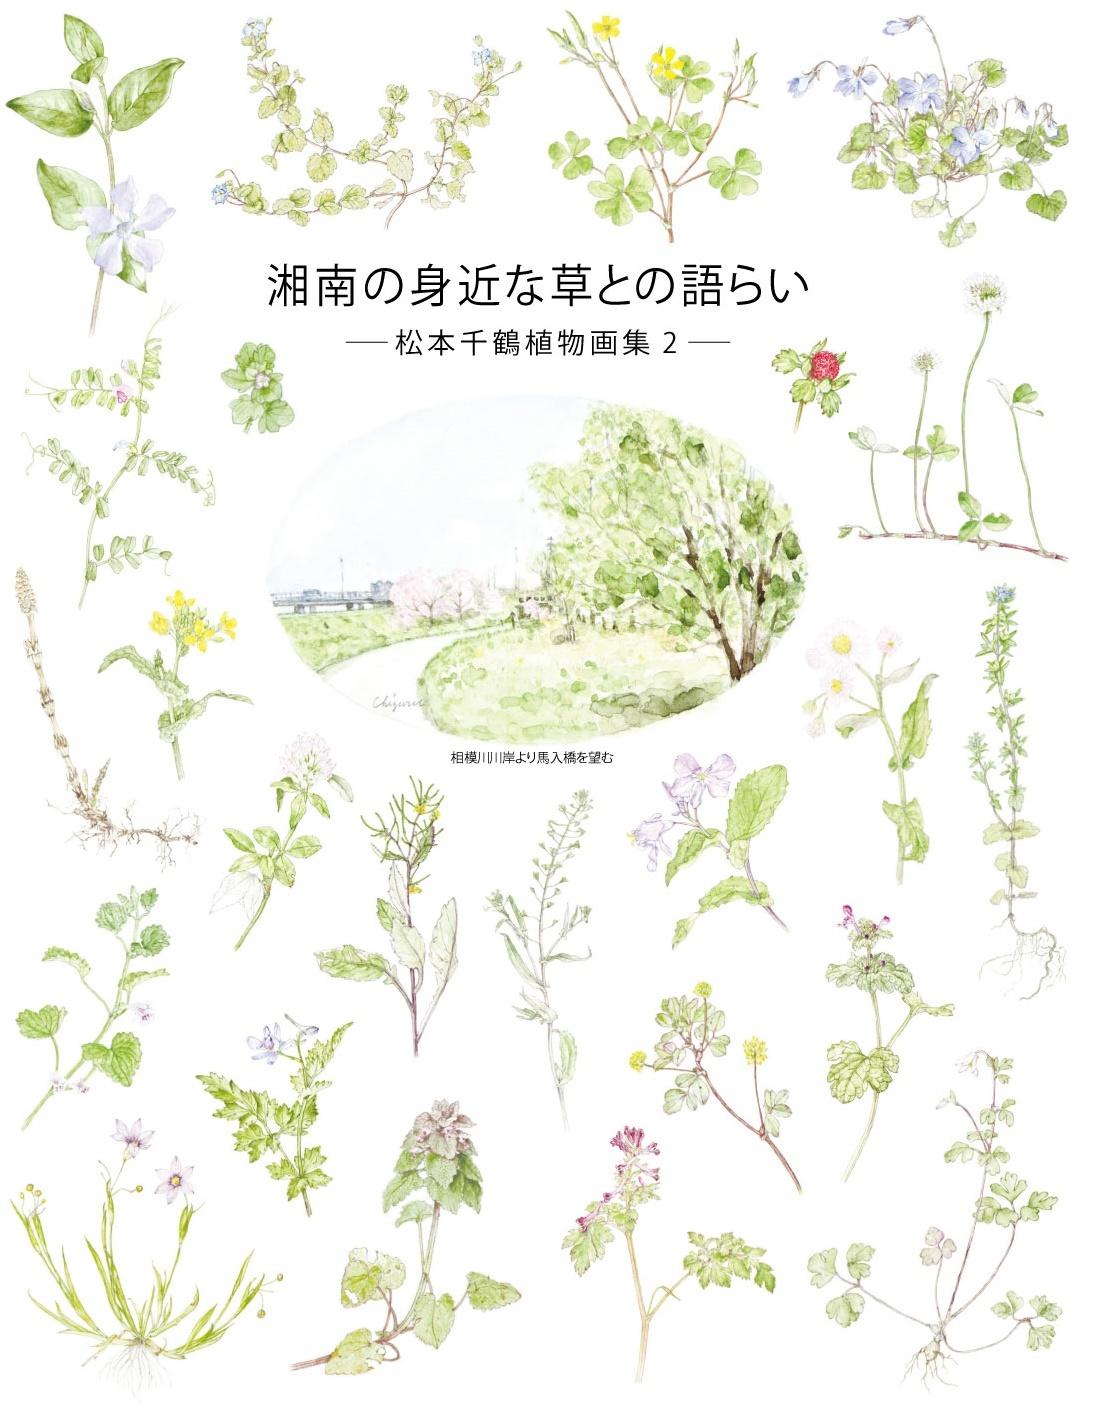 2月の新刊 3 松本千鶴植物画集を刊行します。_d0045404_10543800.jpg